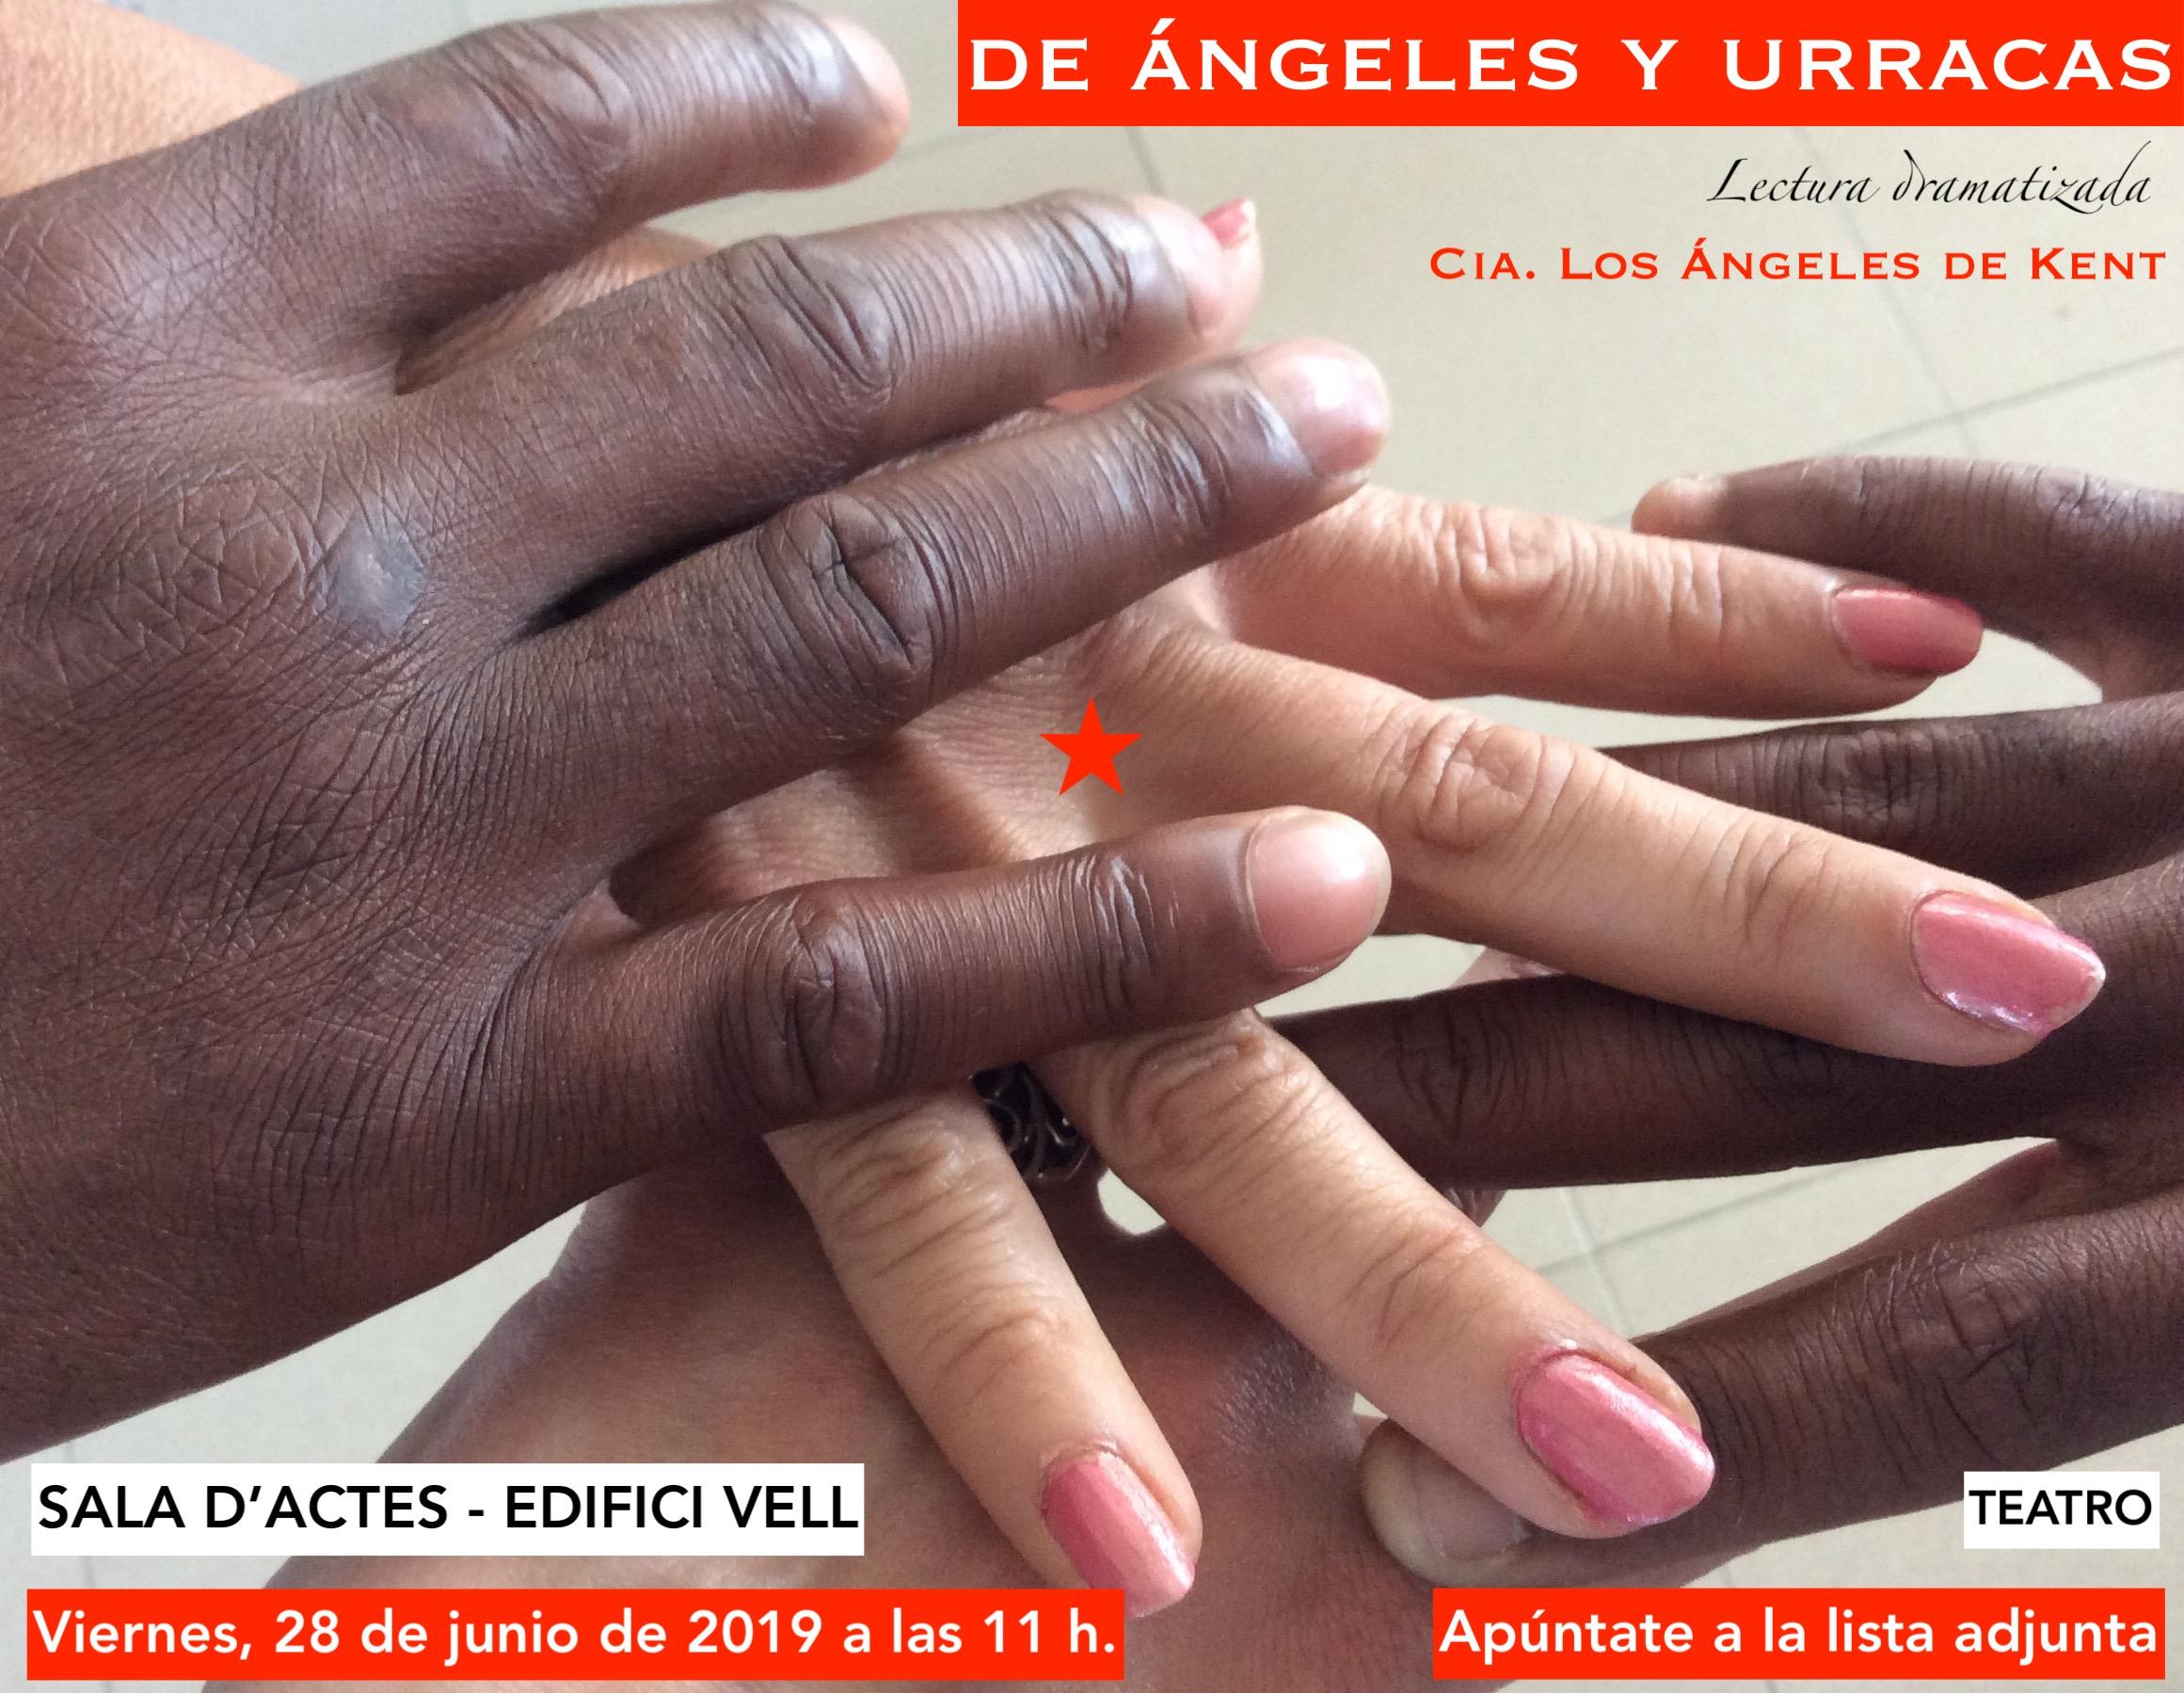 'De Ángeles Y Urracas' Y Otros Talleres De 2019